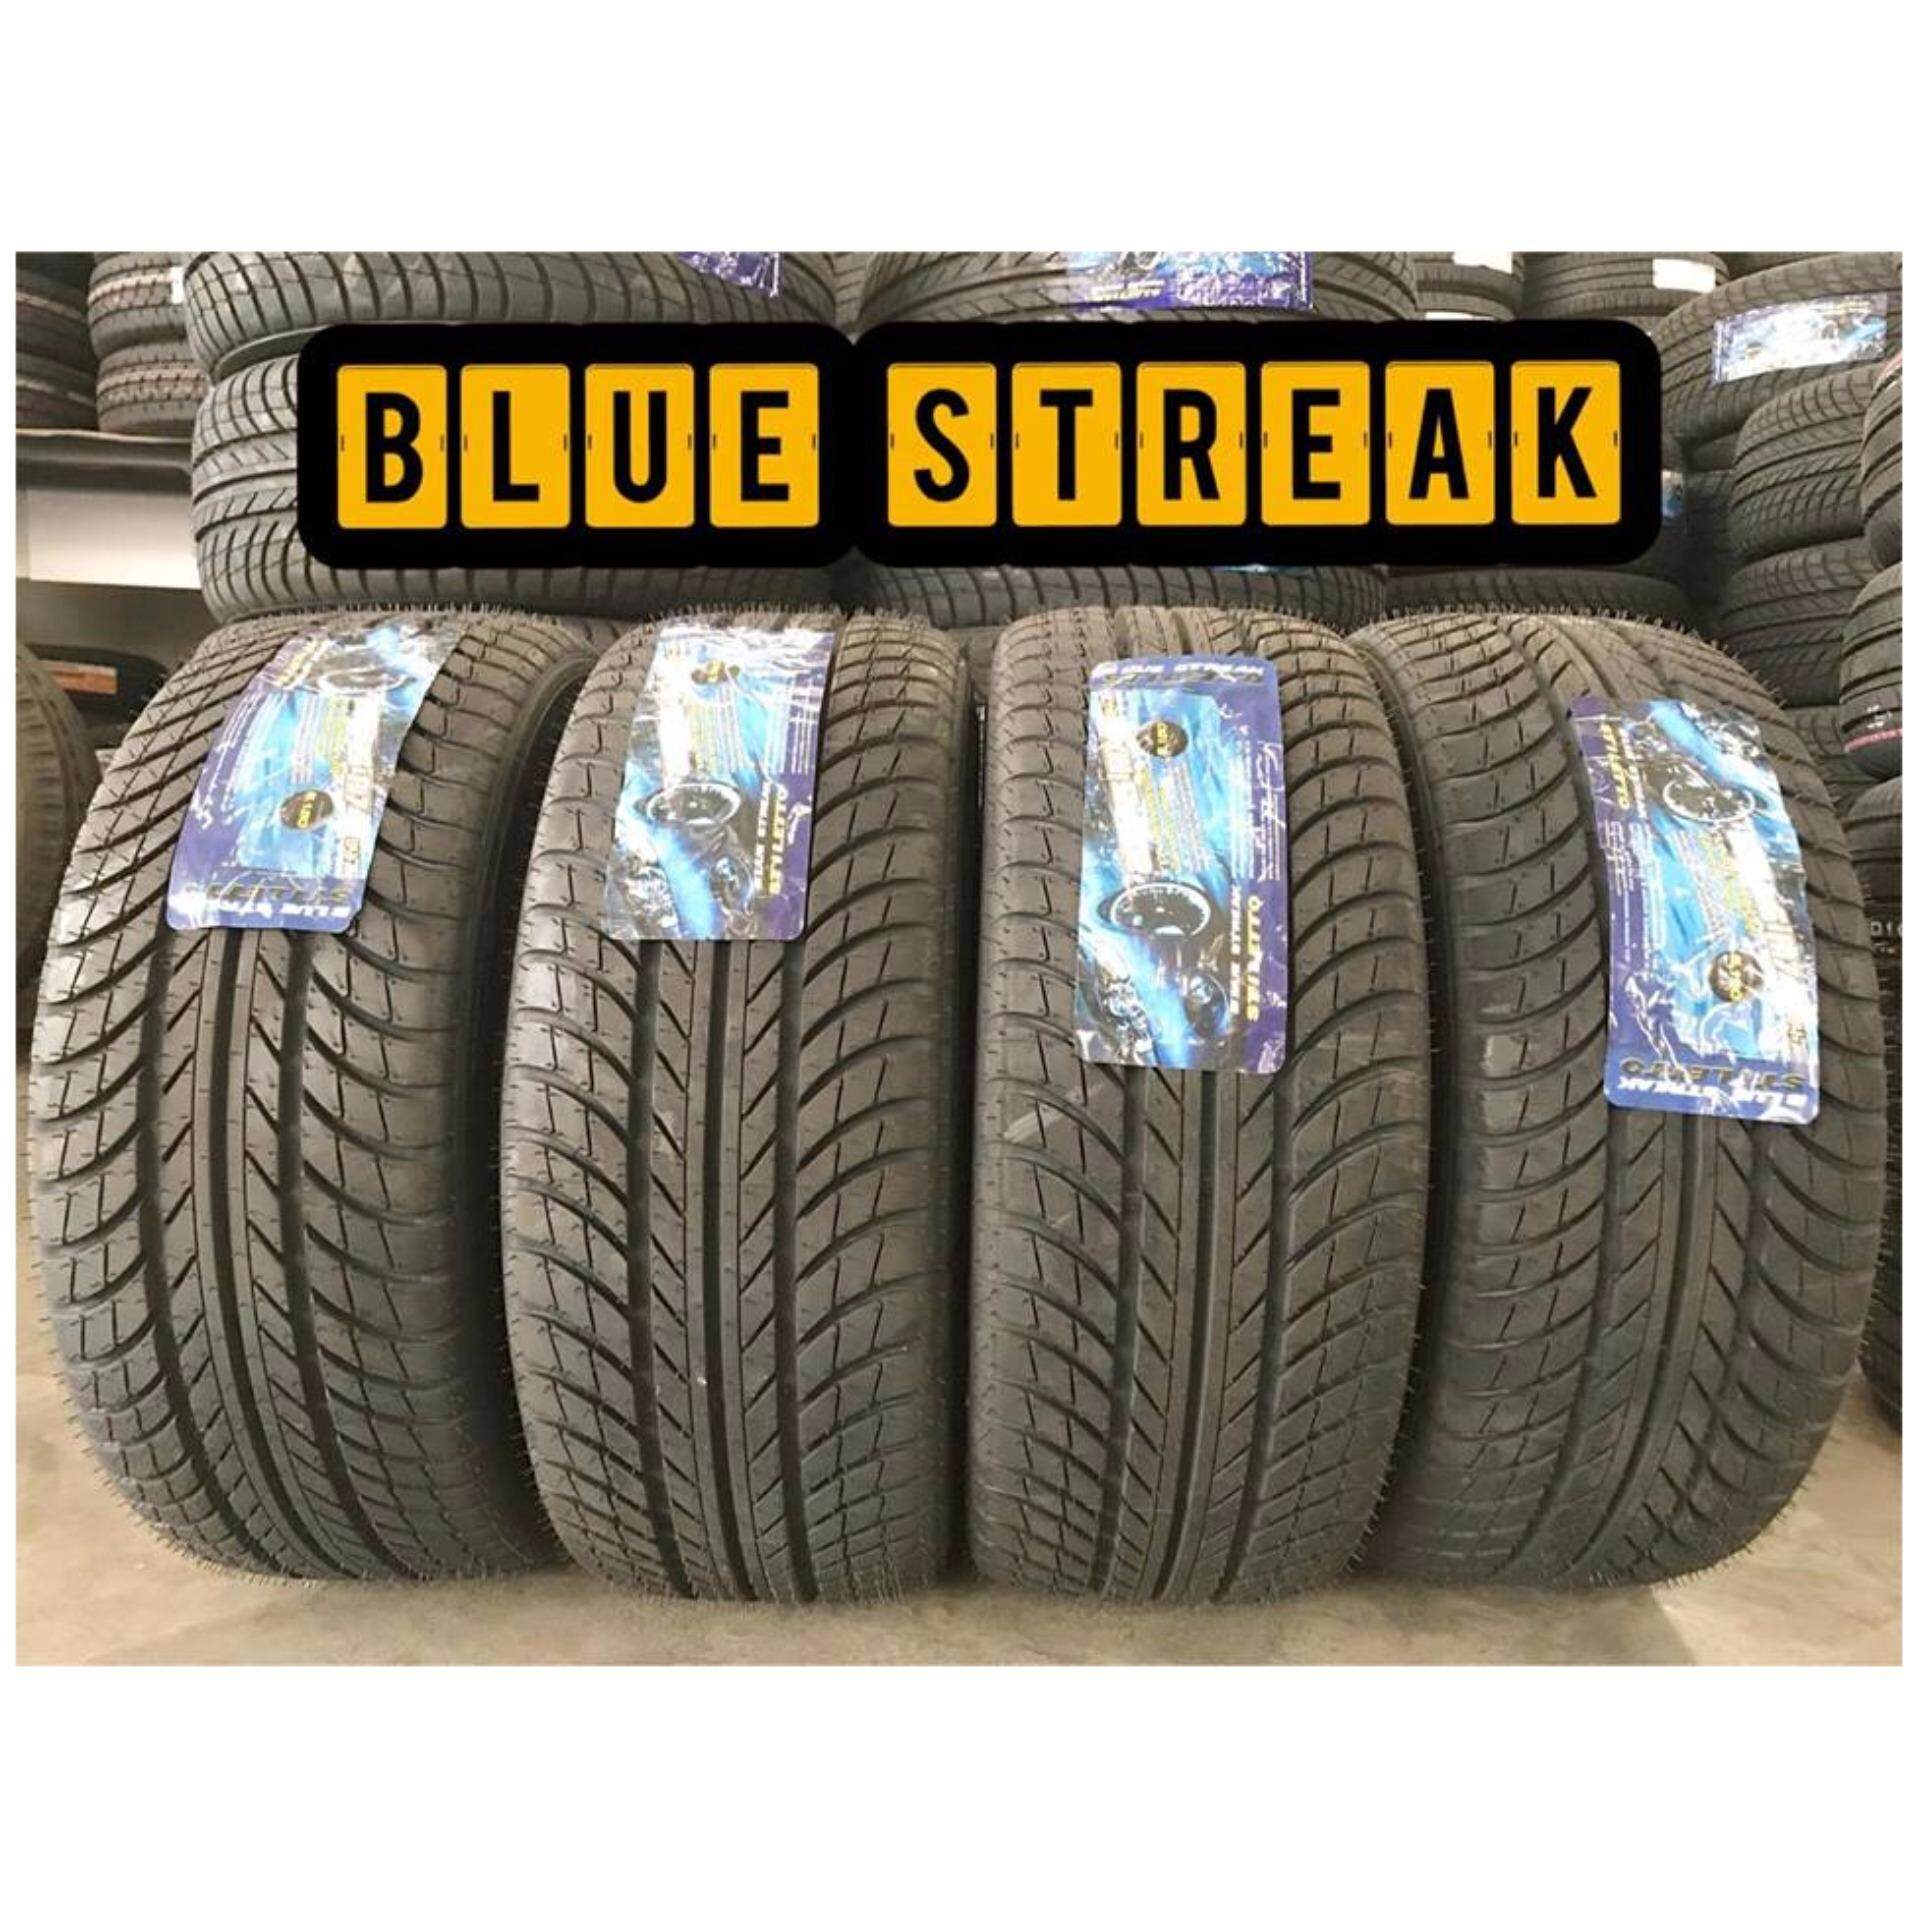 ประกันภัย รถยนต์ 3 พลัส ราคา ถูก ลพบุรี ยางรถยนต์ 205-45R17 GOODYEAR BLUE STREAK STILETTO